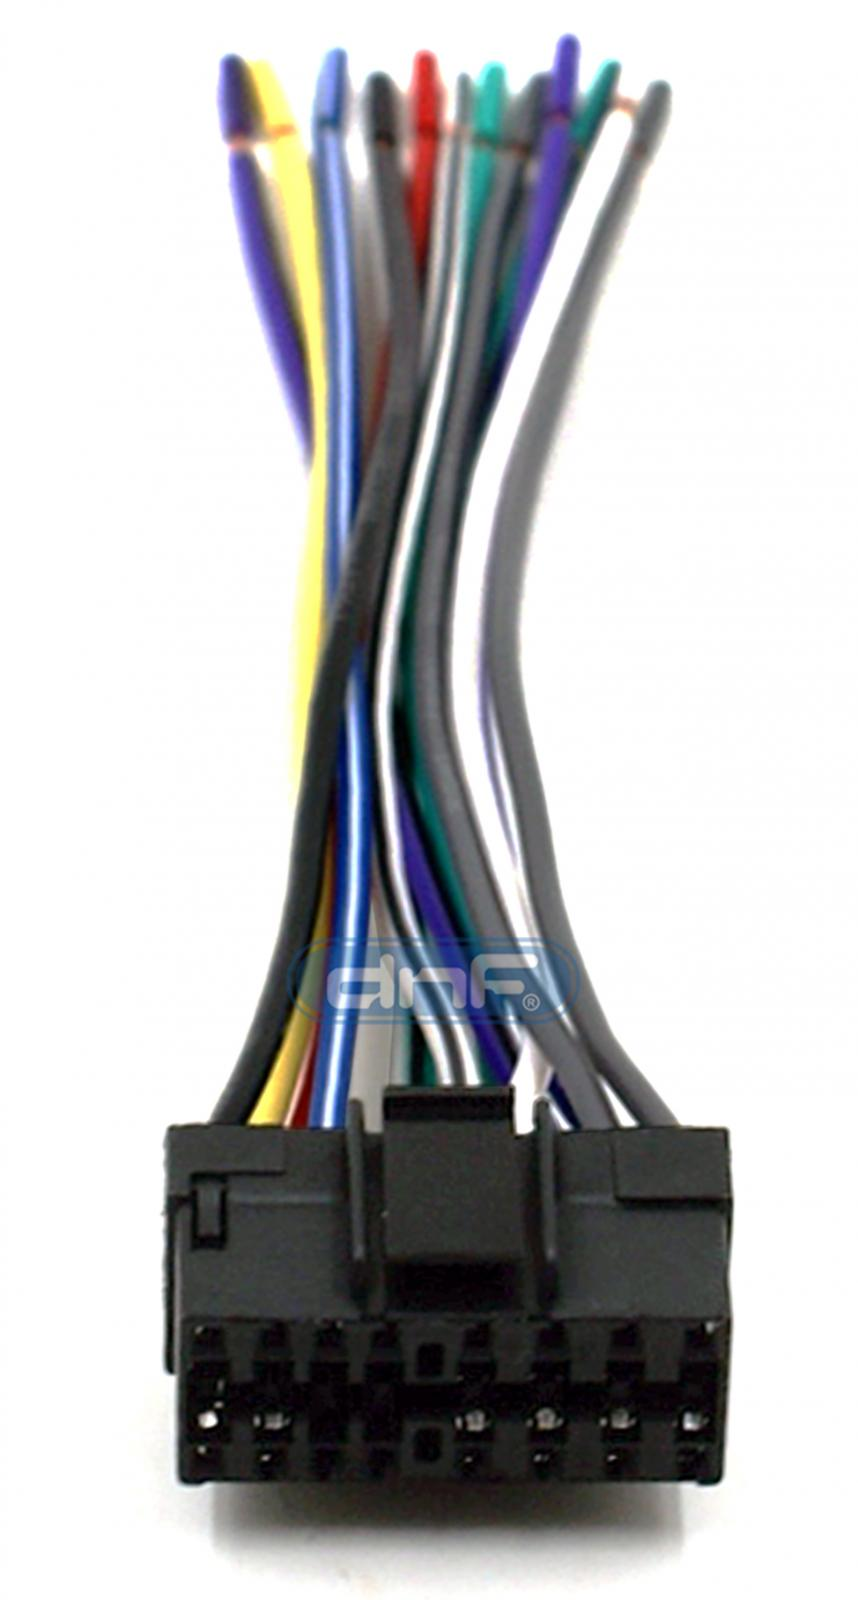 30 Pioneer Deh 1300mp Wiring Diagram